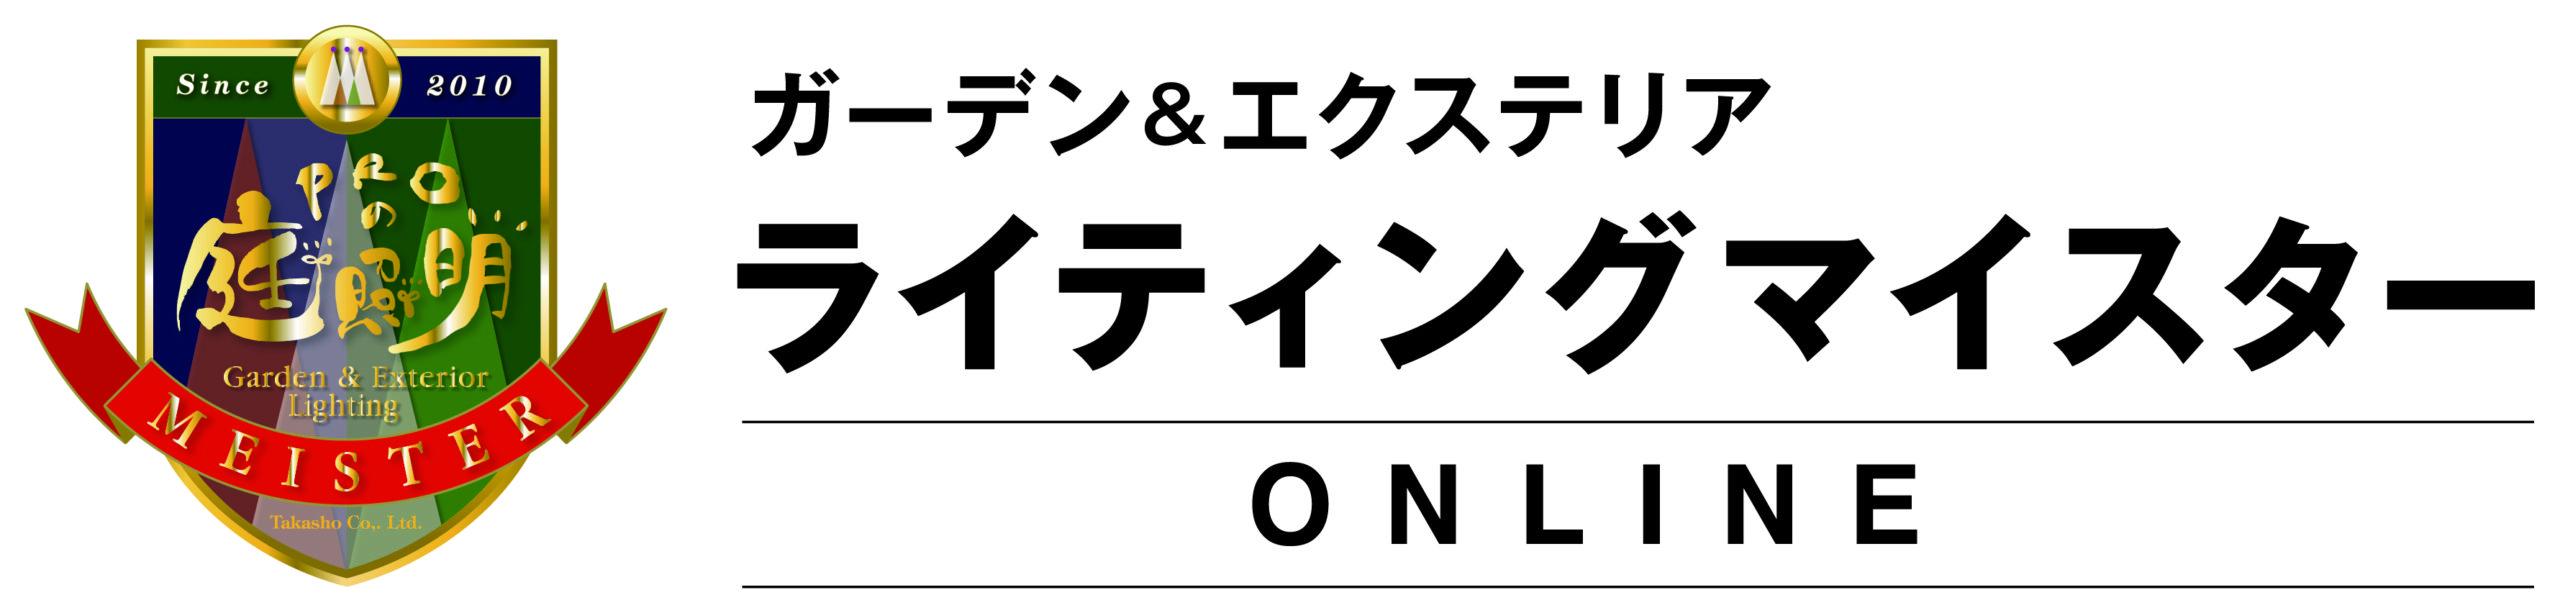 ライティングマイスターのオンライン研修申込を4月1日から受付/タカショー